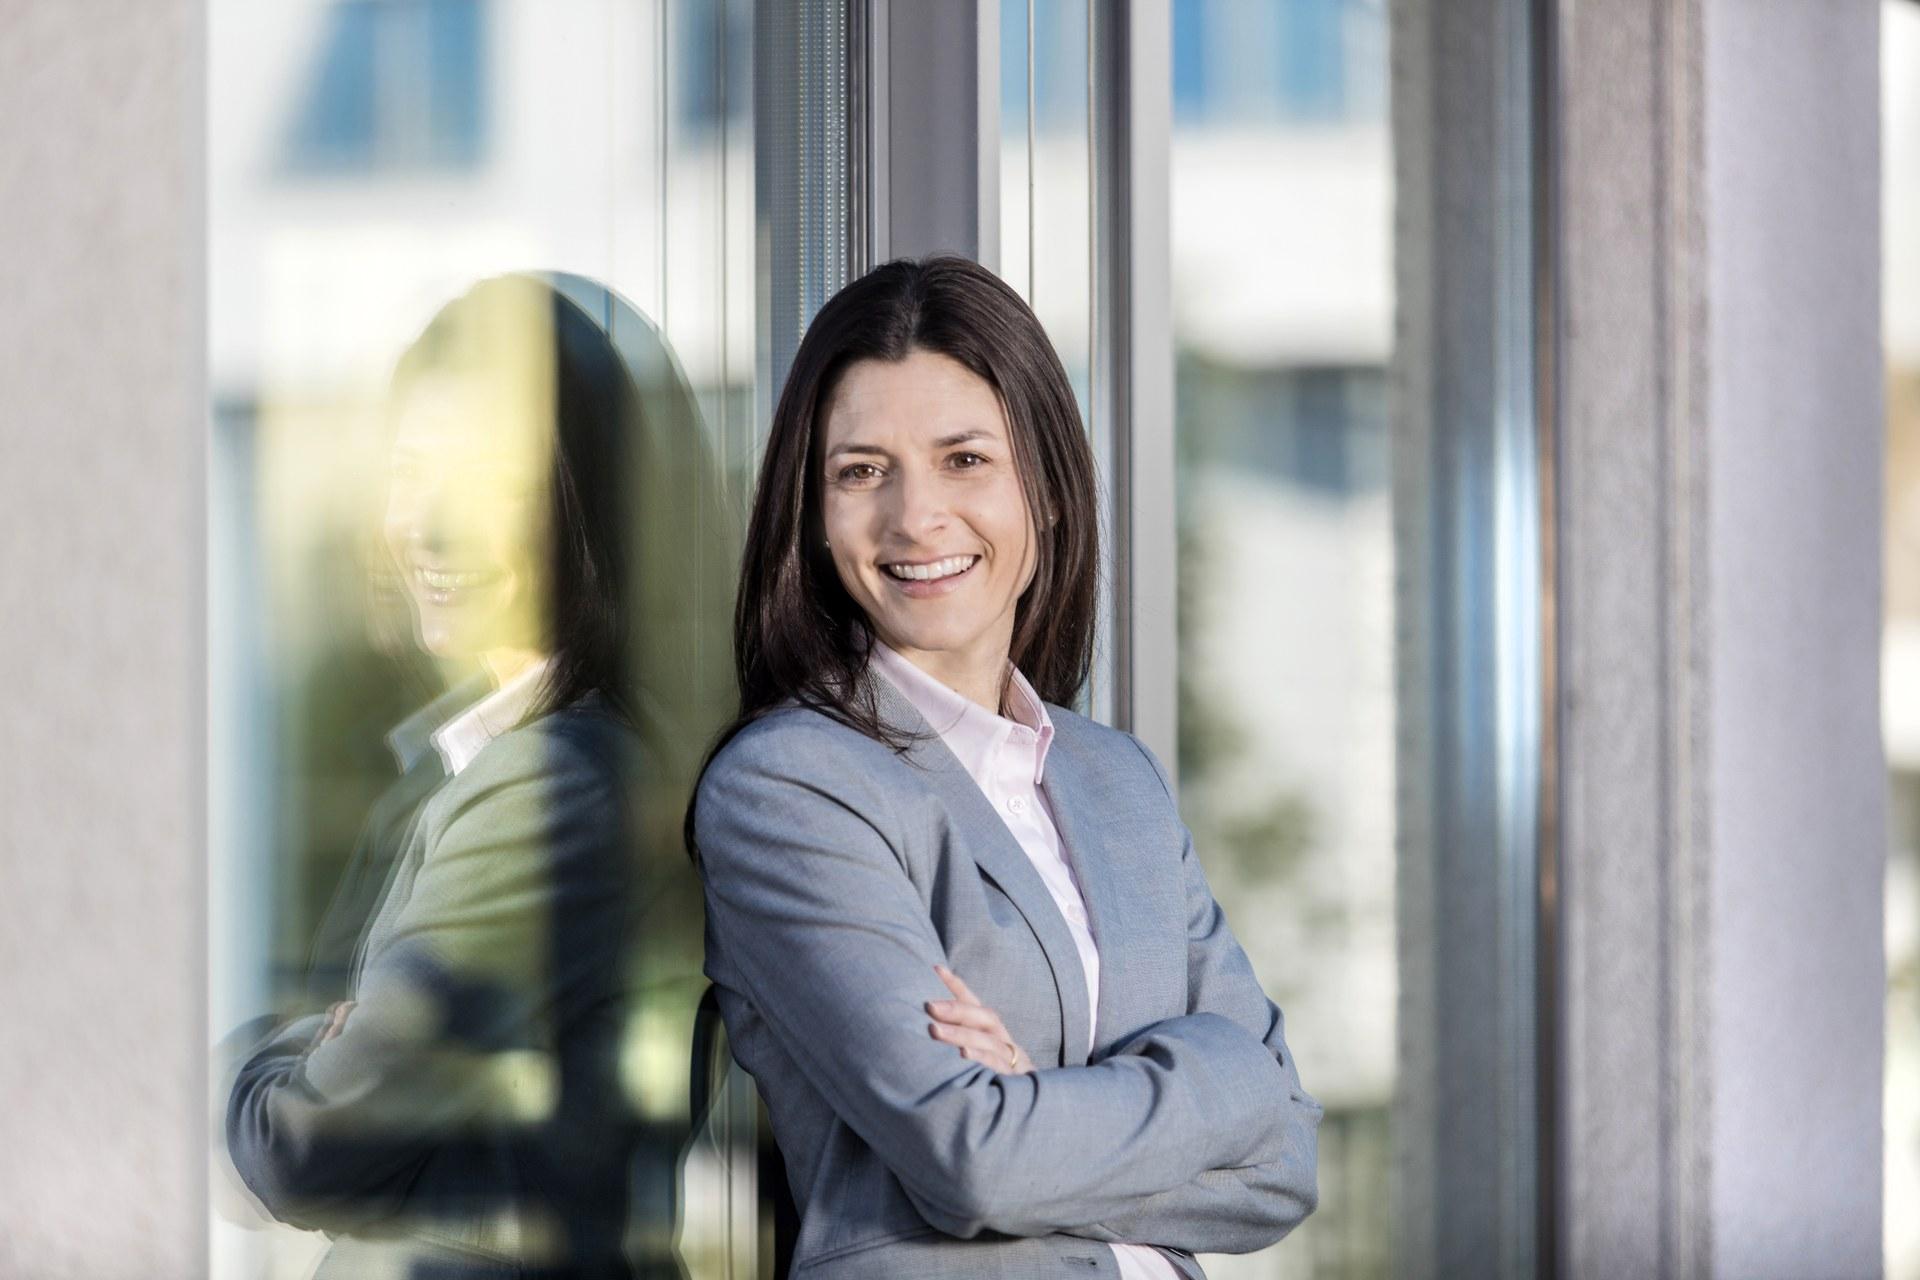 Daniela Tillenburg